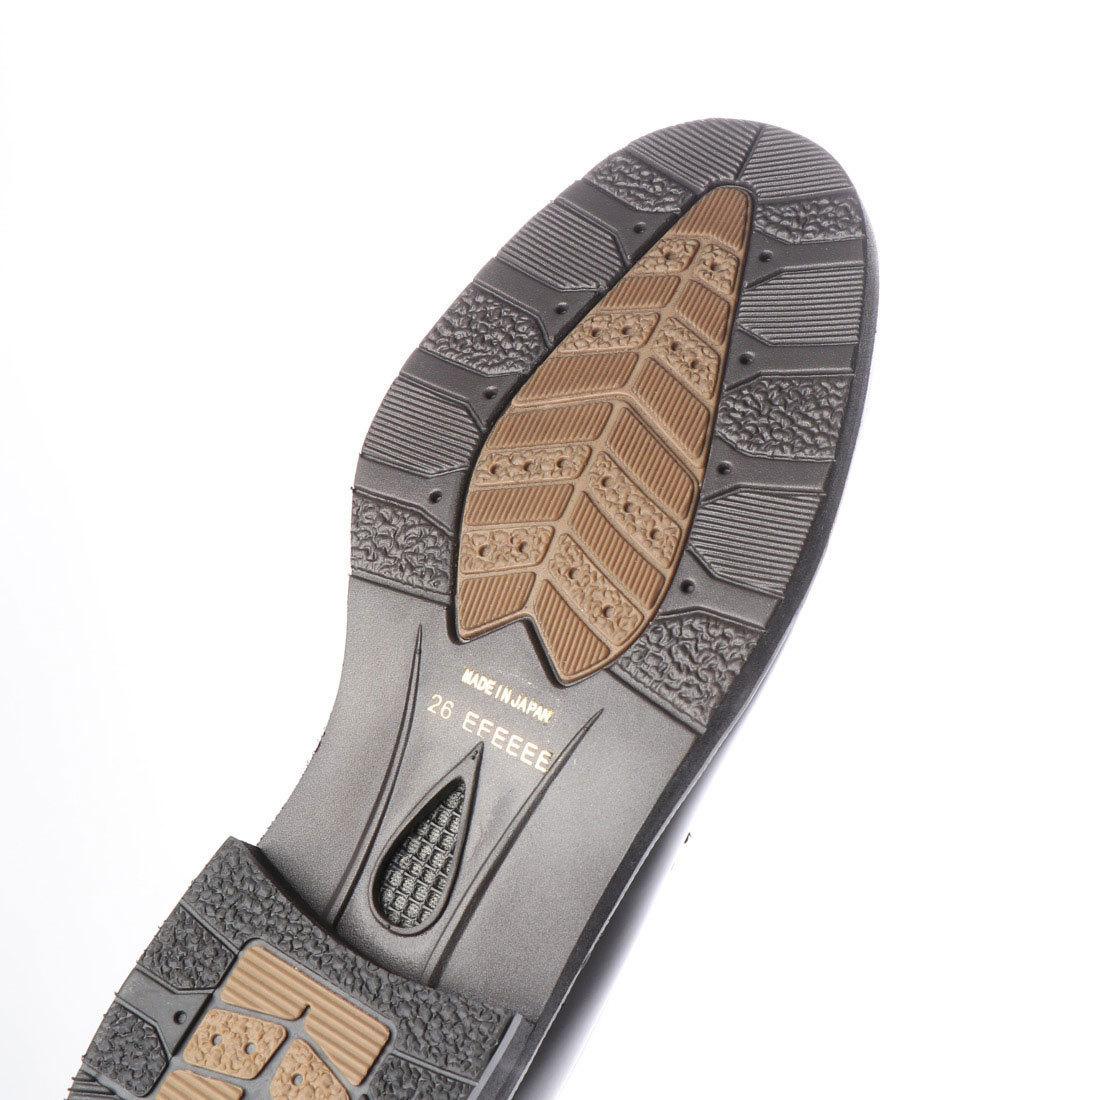 【大きいサイズ】【メンズ 】【超幅広】【激安】紳士靴 本革 甲高 6E G キングサイズ ビジネスシューズ ローファー ブラック 28.0cm